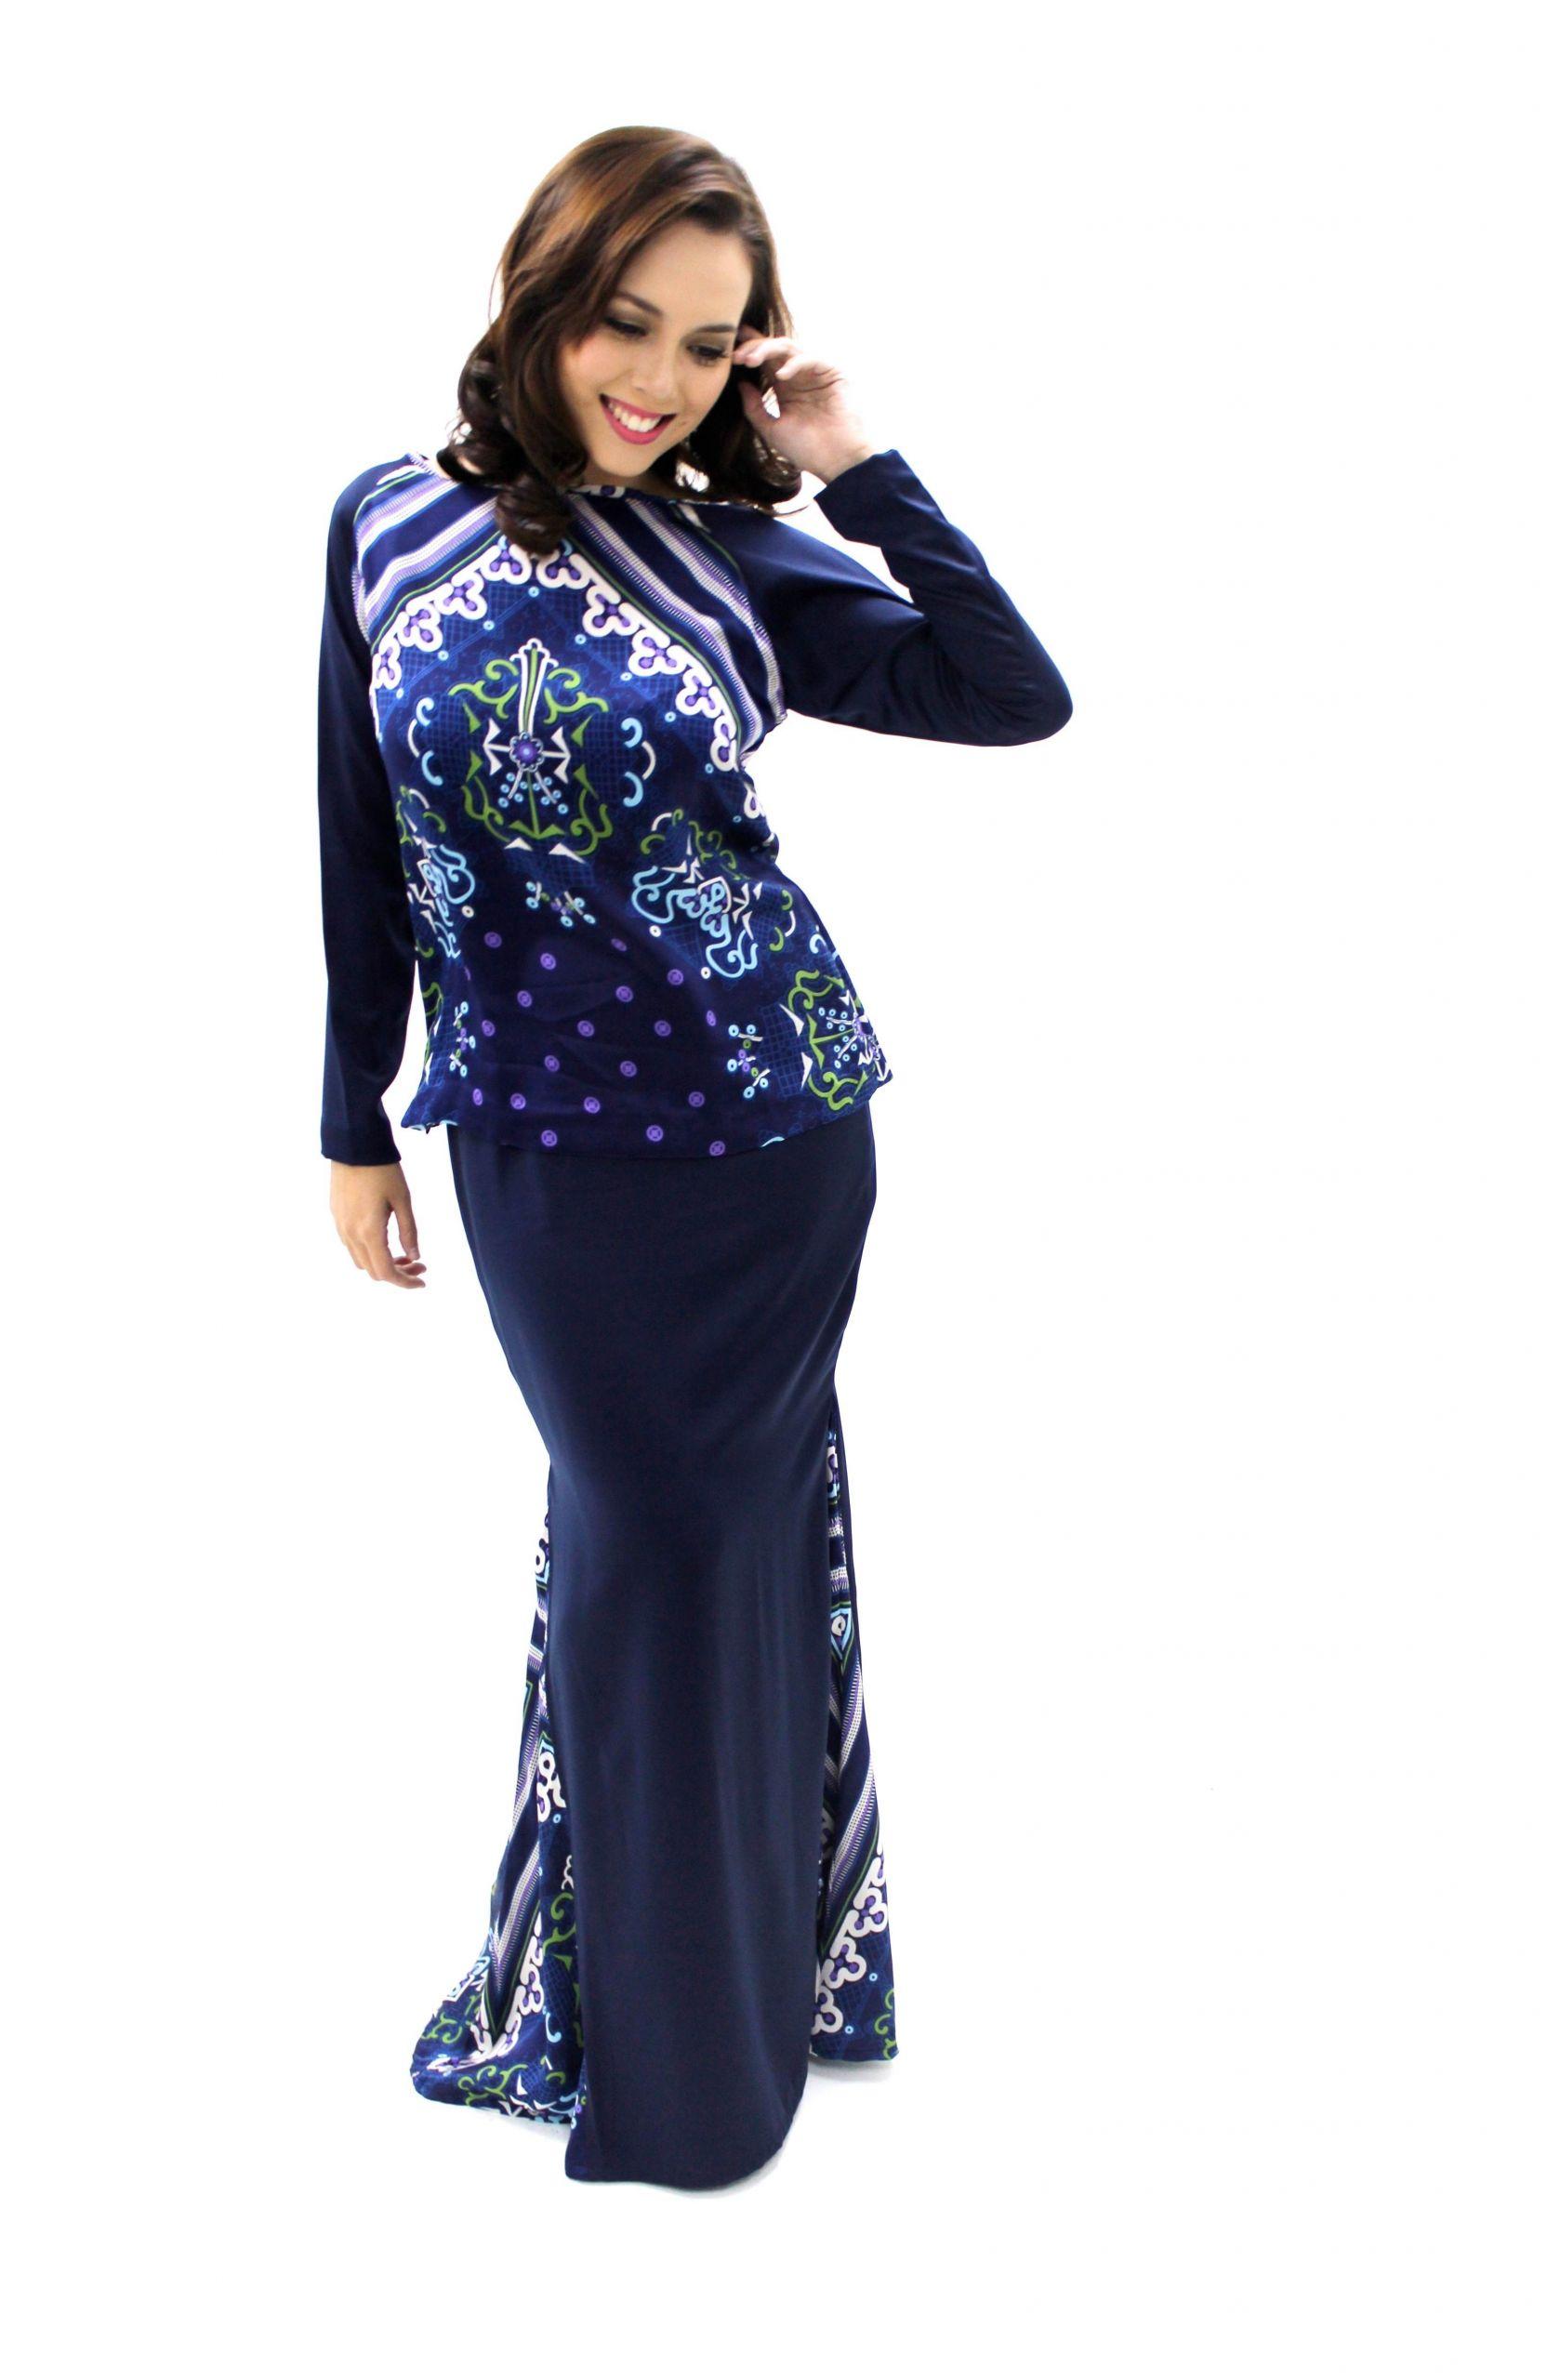 Design Baju Lebaran Terkini 4pde Siti Saleha Gayakan Koleksi Lebaran My Apparel Zoo 2014